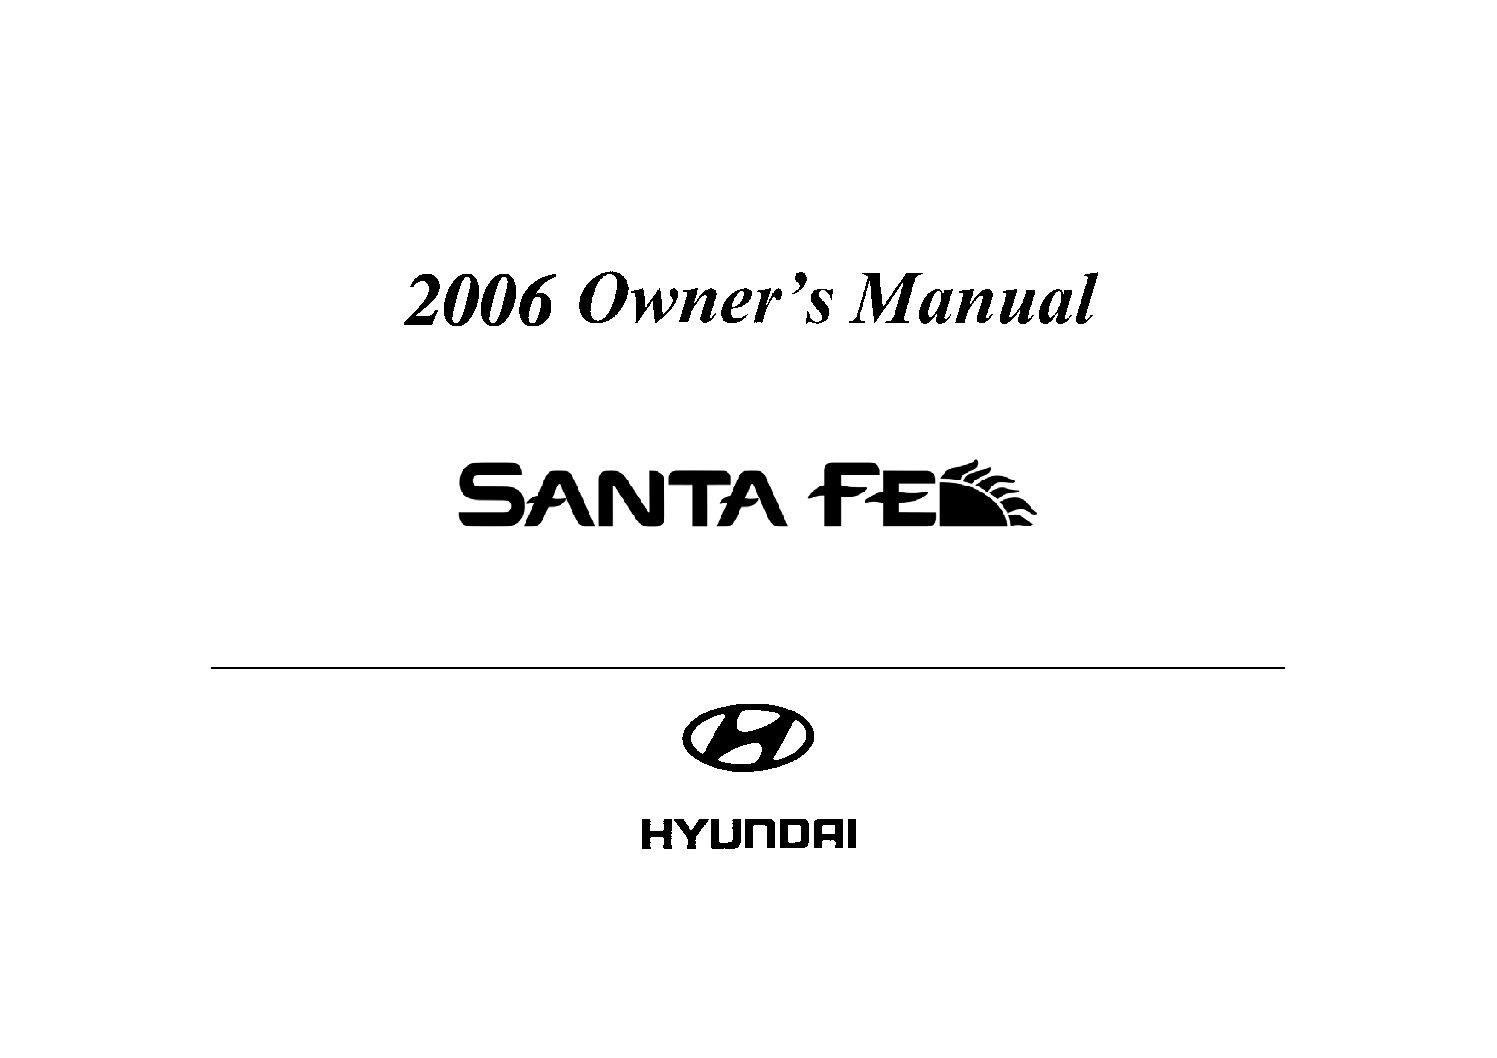 Hyundai Santa Fe Owners Manual